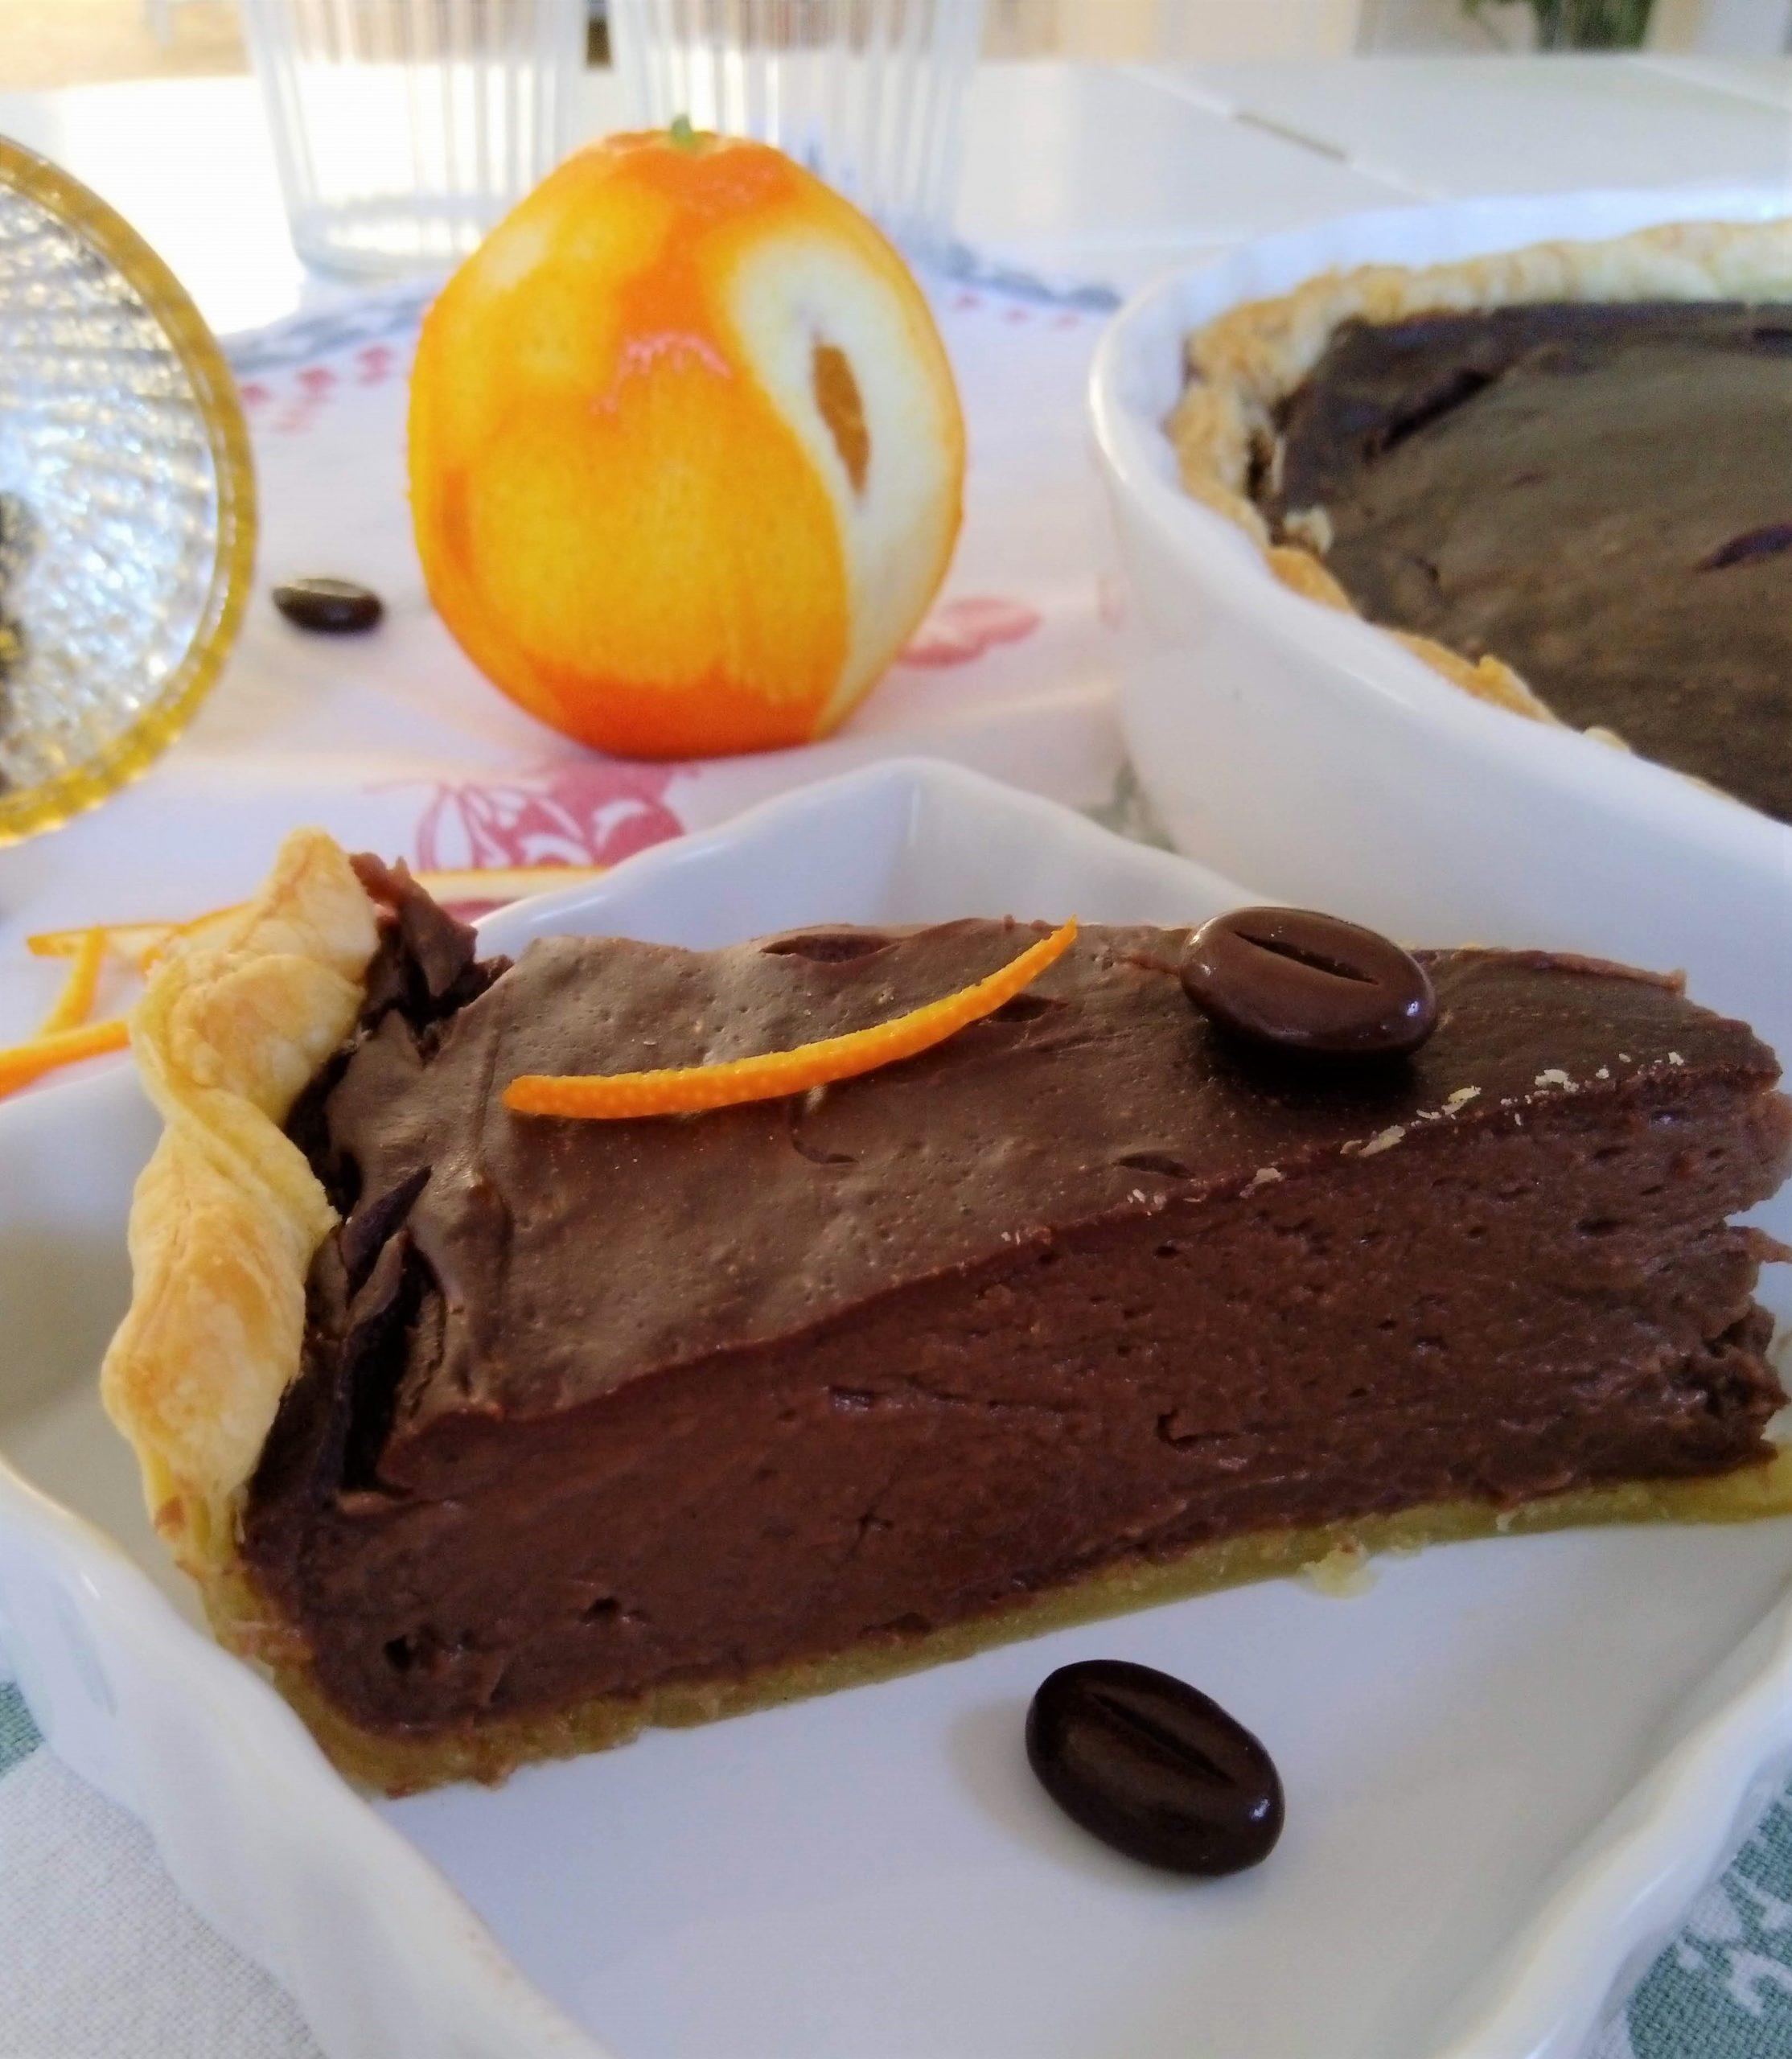 Chocolade flantaart met een vleugje sinaasappel